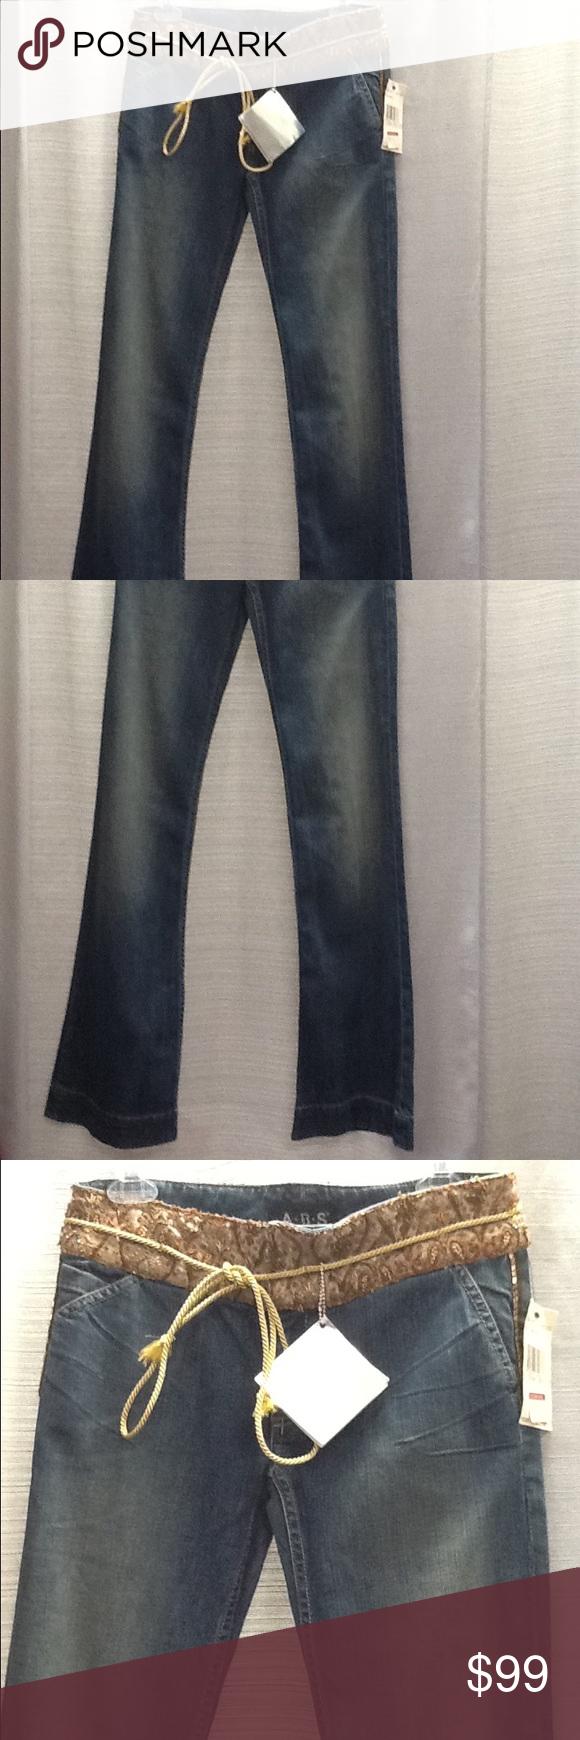 NWT ABS Bell Bottom Blue Jeans Sz 27 ABS Bell Bottom Blue Jeans Women Sz 27 Waist 30 Length 43 Inseam 35 ABS Allen Schwartz Jeans Flare & Wide Leg